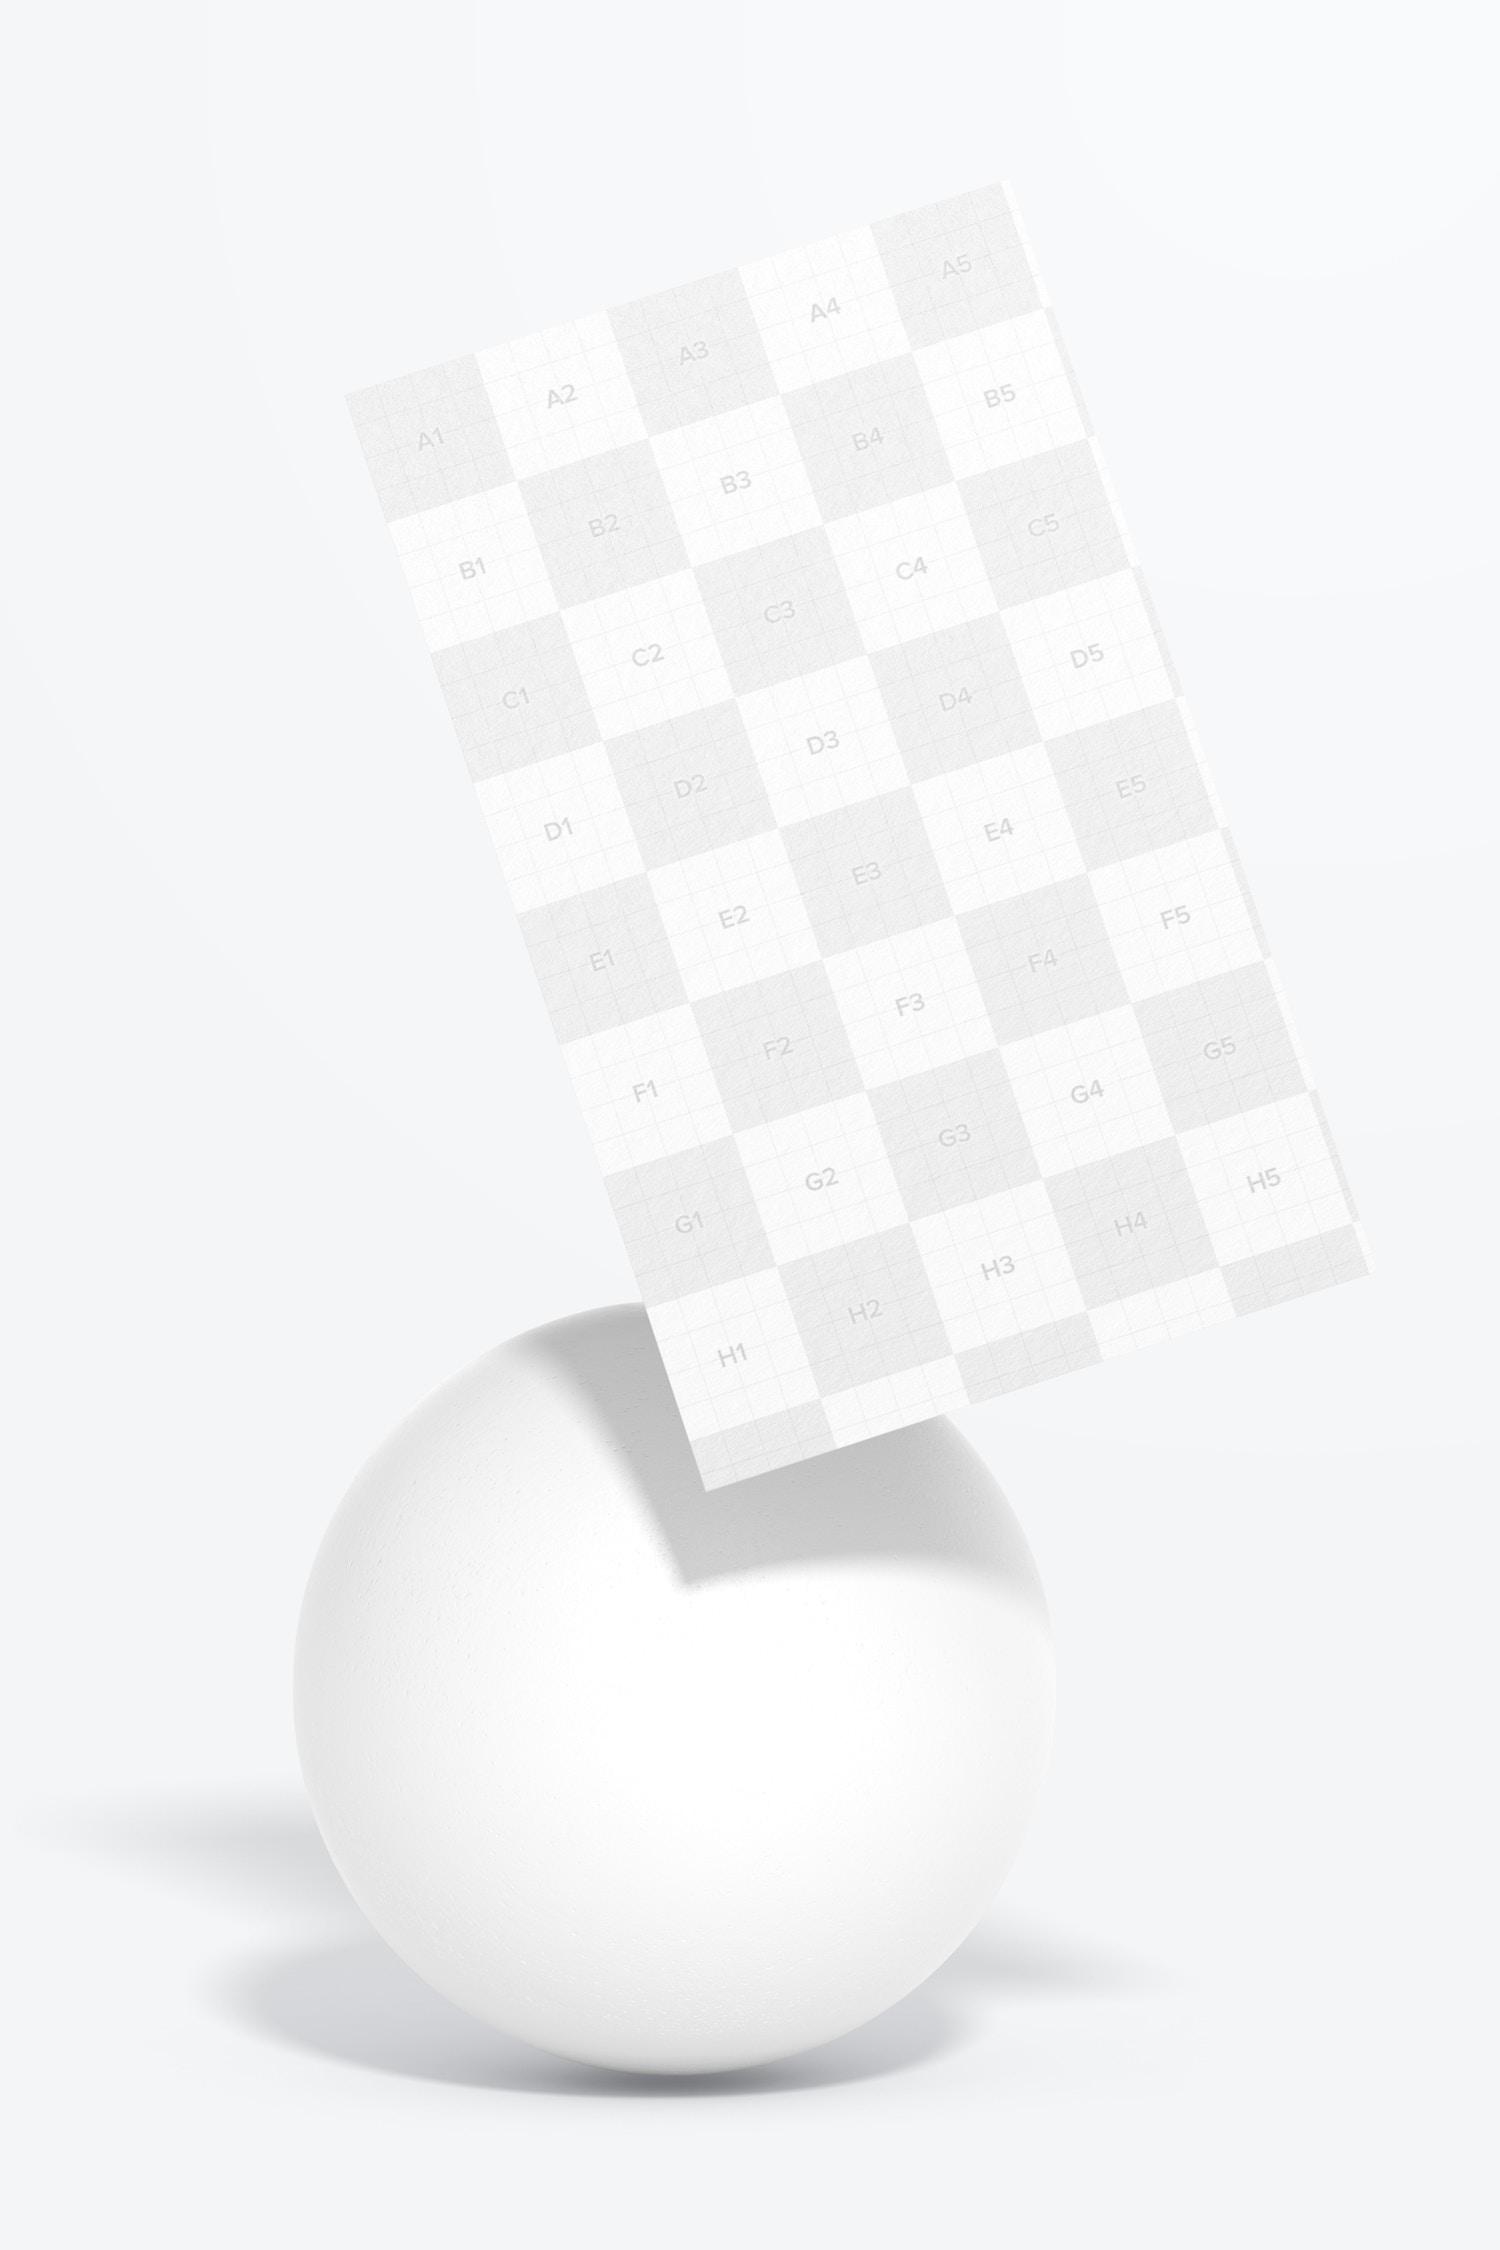 Japan Portrait Business Card Mockup, Floating